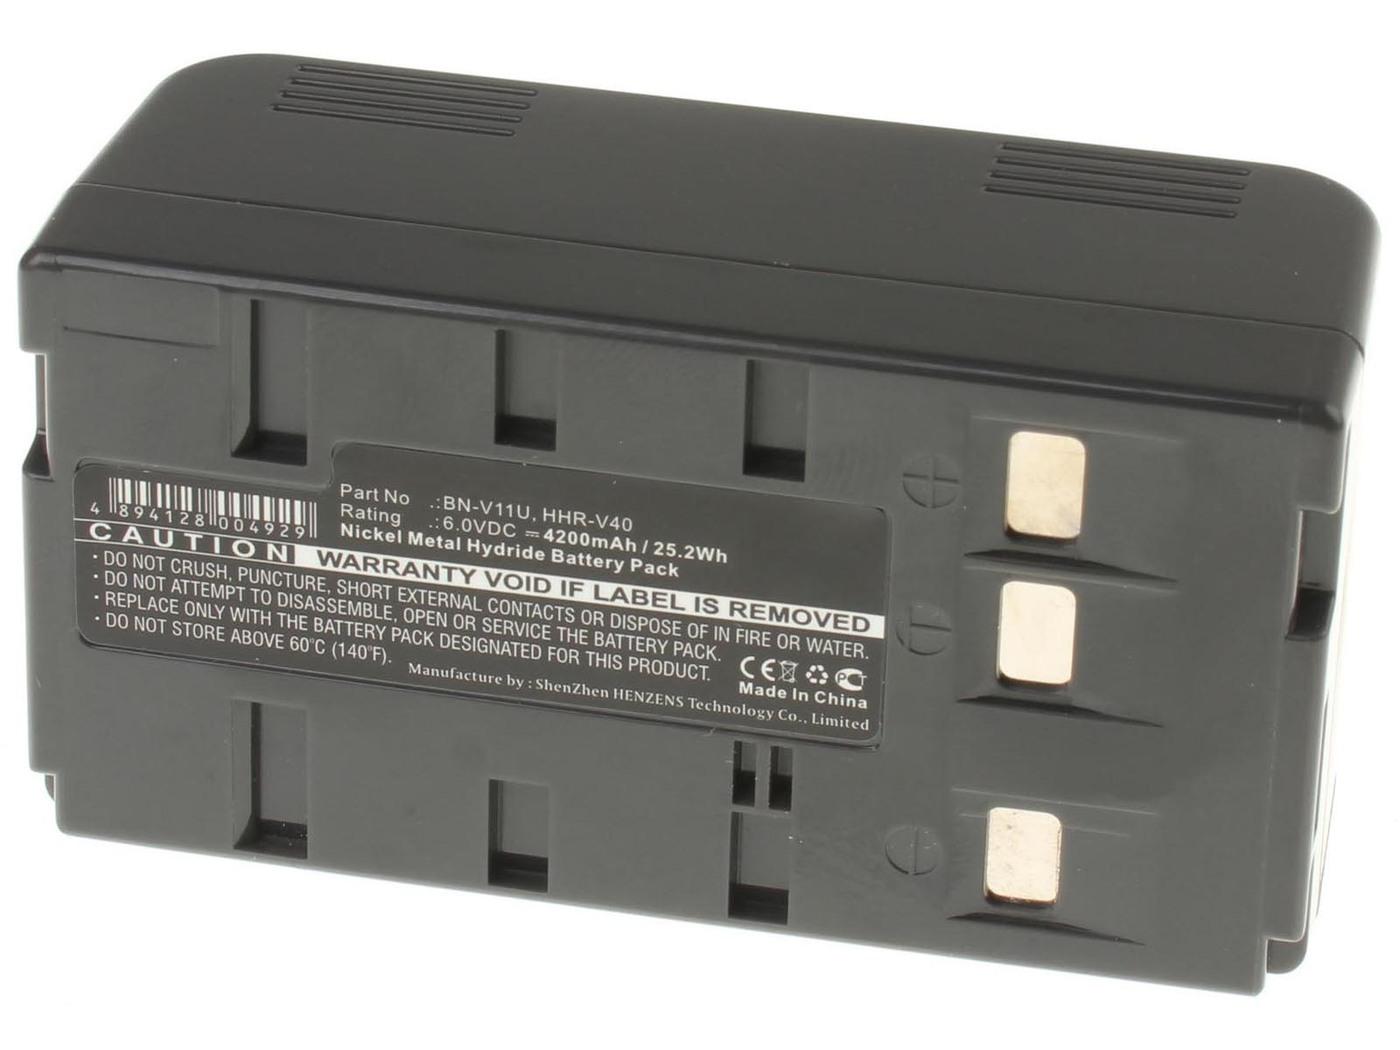 Аккумуляторная батарея iBatt iB-T2-F178 4200mAh для камер JVC GR-SV3, GR-SXM730U, GR-AX227, GR-AX401, GR-AX627, GR-FX17, GR-SX26, GR-AX33, GR-AX7, GR-DV10, GR-FX10, GR-FX11, GR-FXM38, GR-SXM48, GR-SXM750U,  для Panasonic NV-S20, NV-G202, NV-61,